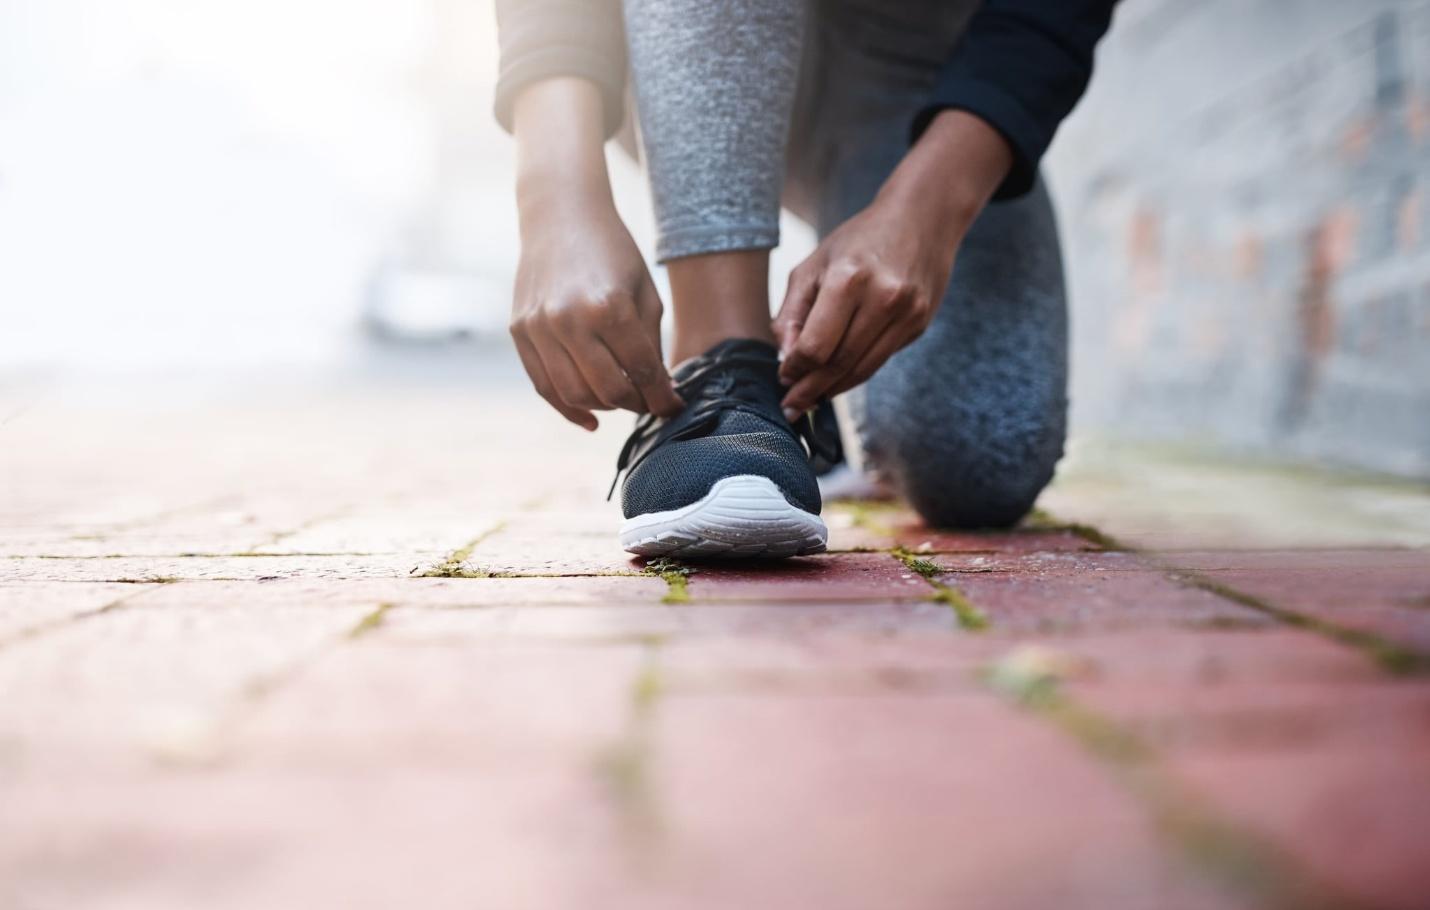 đi bộ nên đúng cách để phát huy hiệu quả